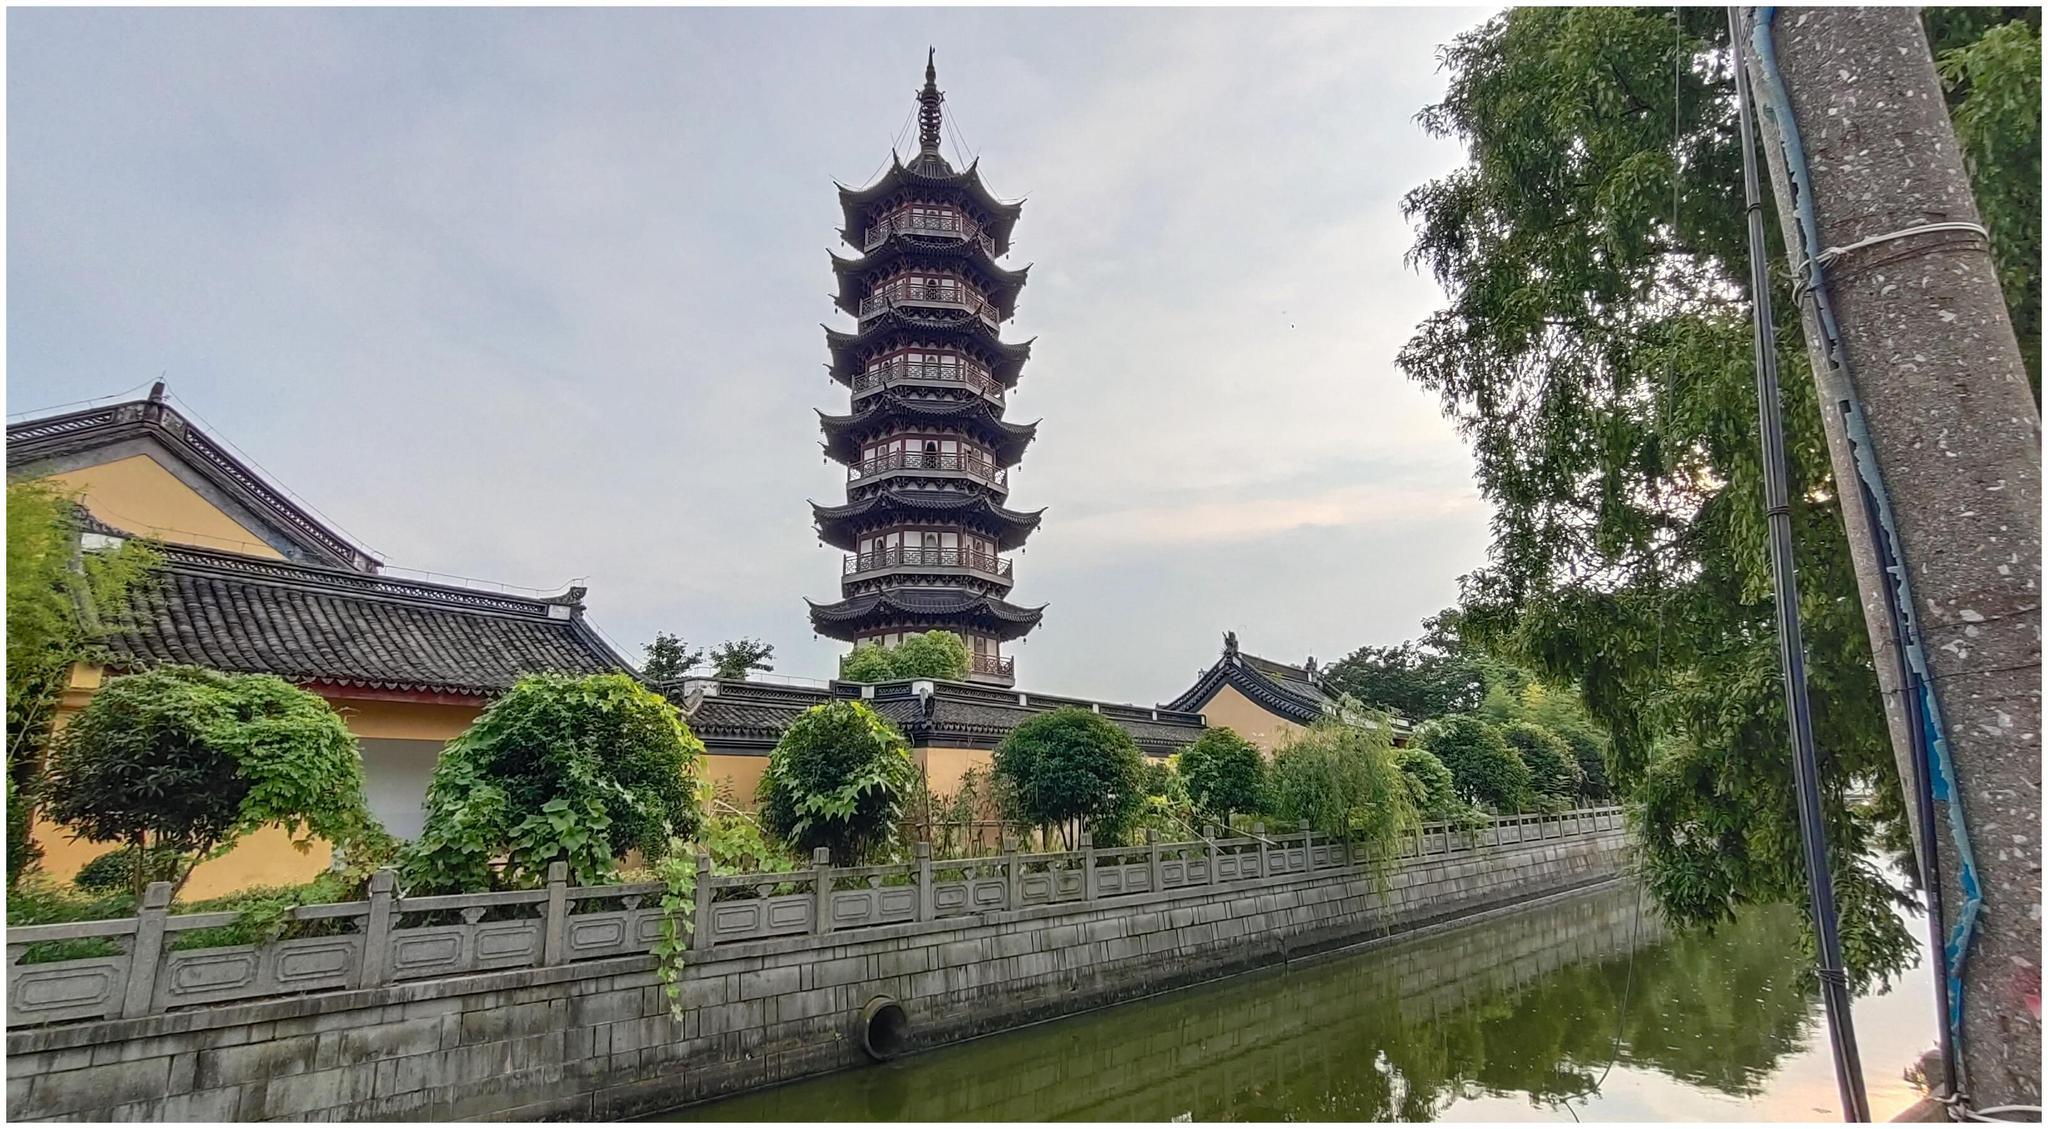 历史悠久,规模恢大的海宁天宁寺,环绕欣赏夕阳下的天宁寺塔